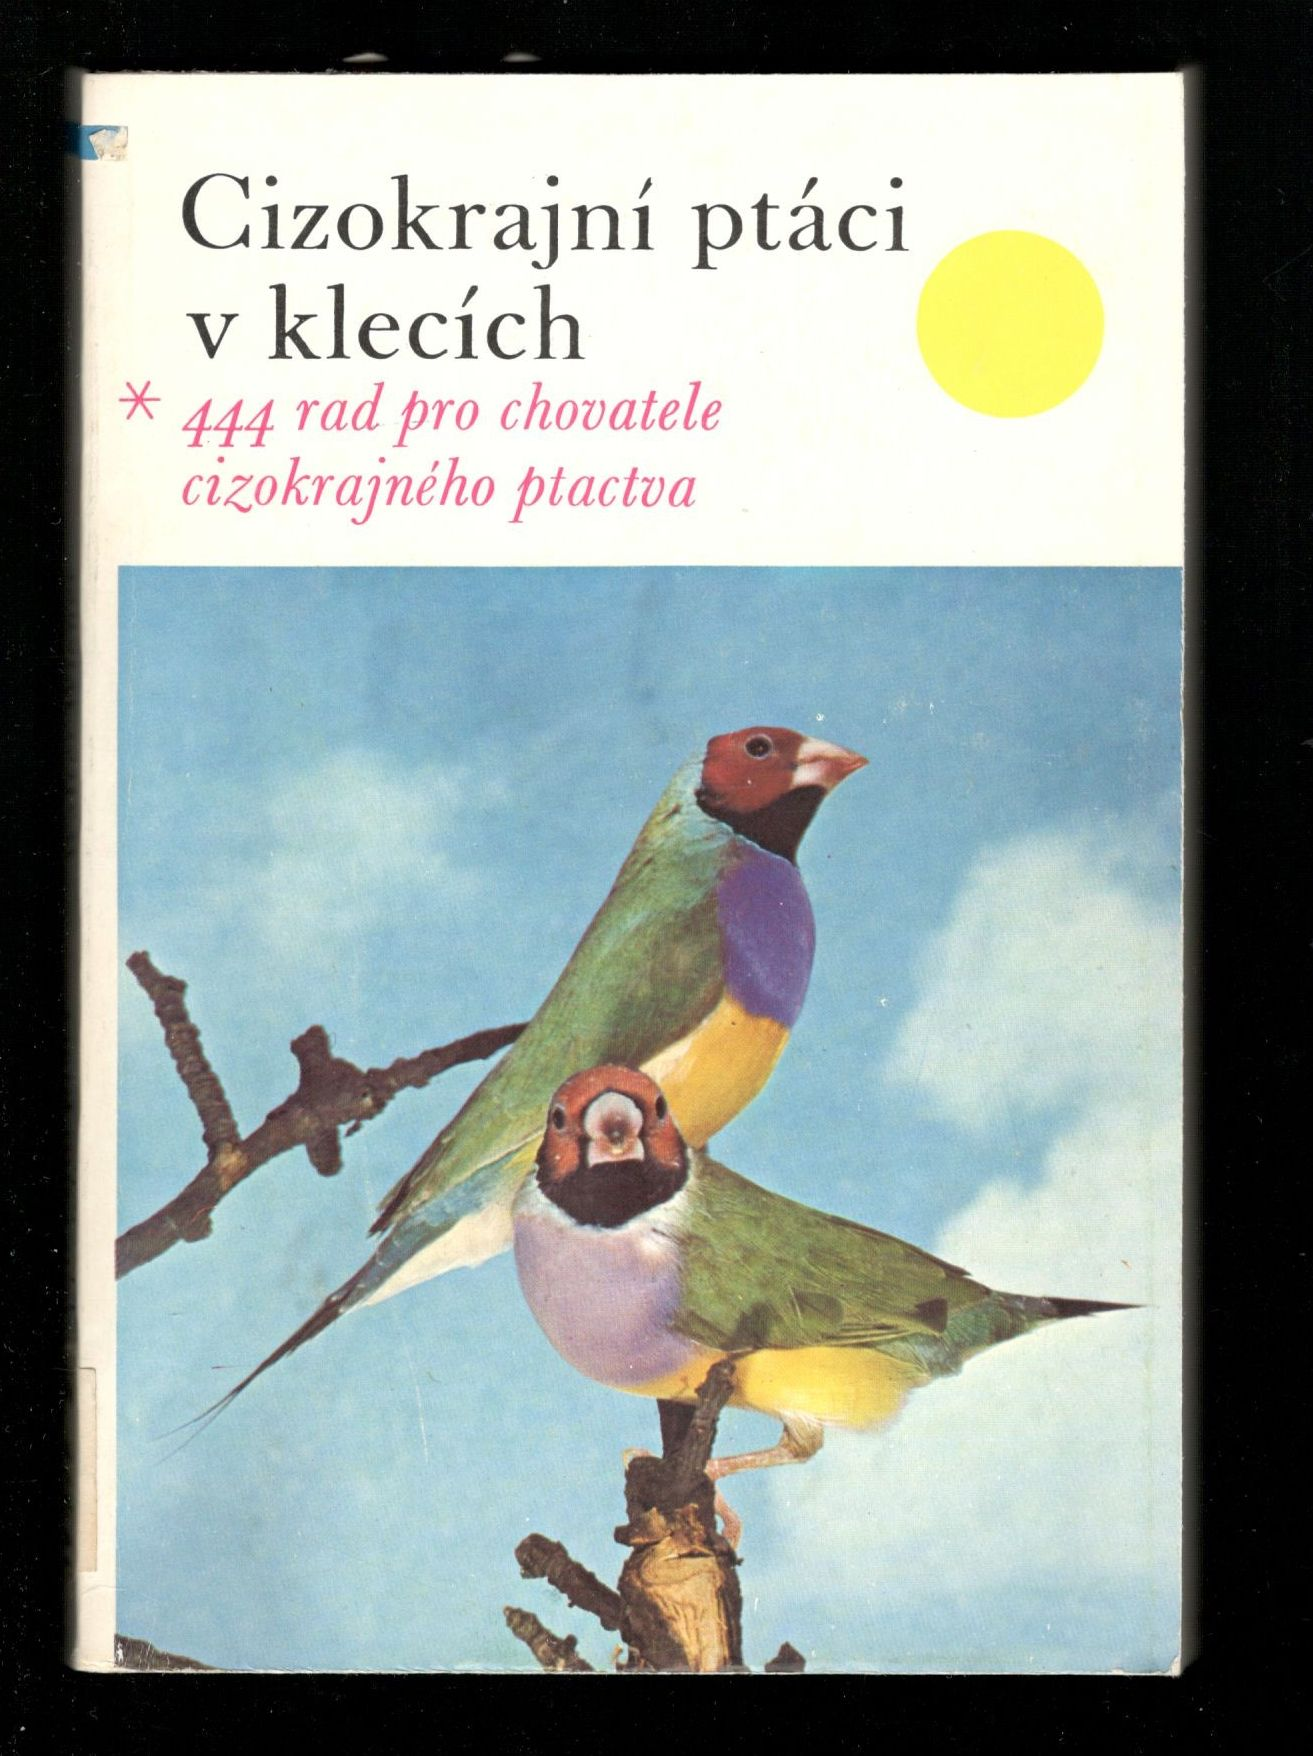 Cizokrajní ptáci v klecích - 444 rad pro chovatele cizokrajného ptactva